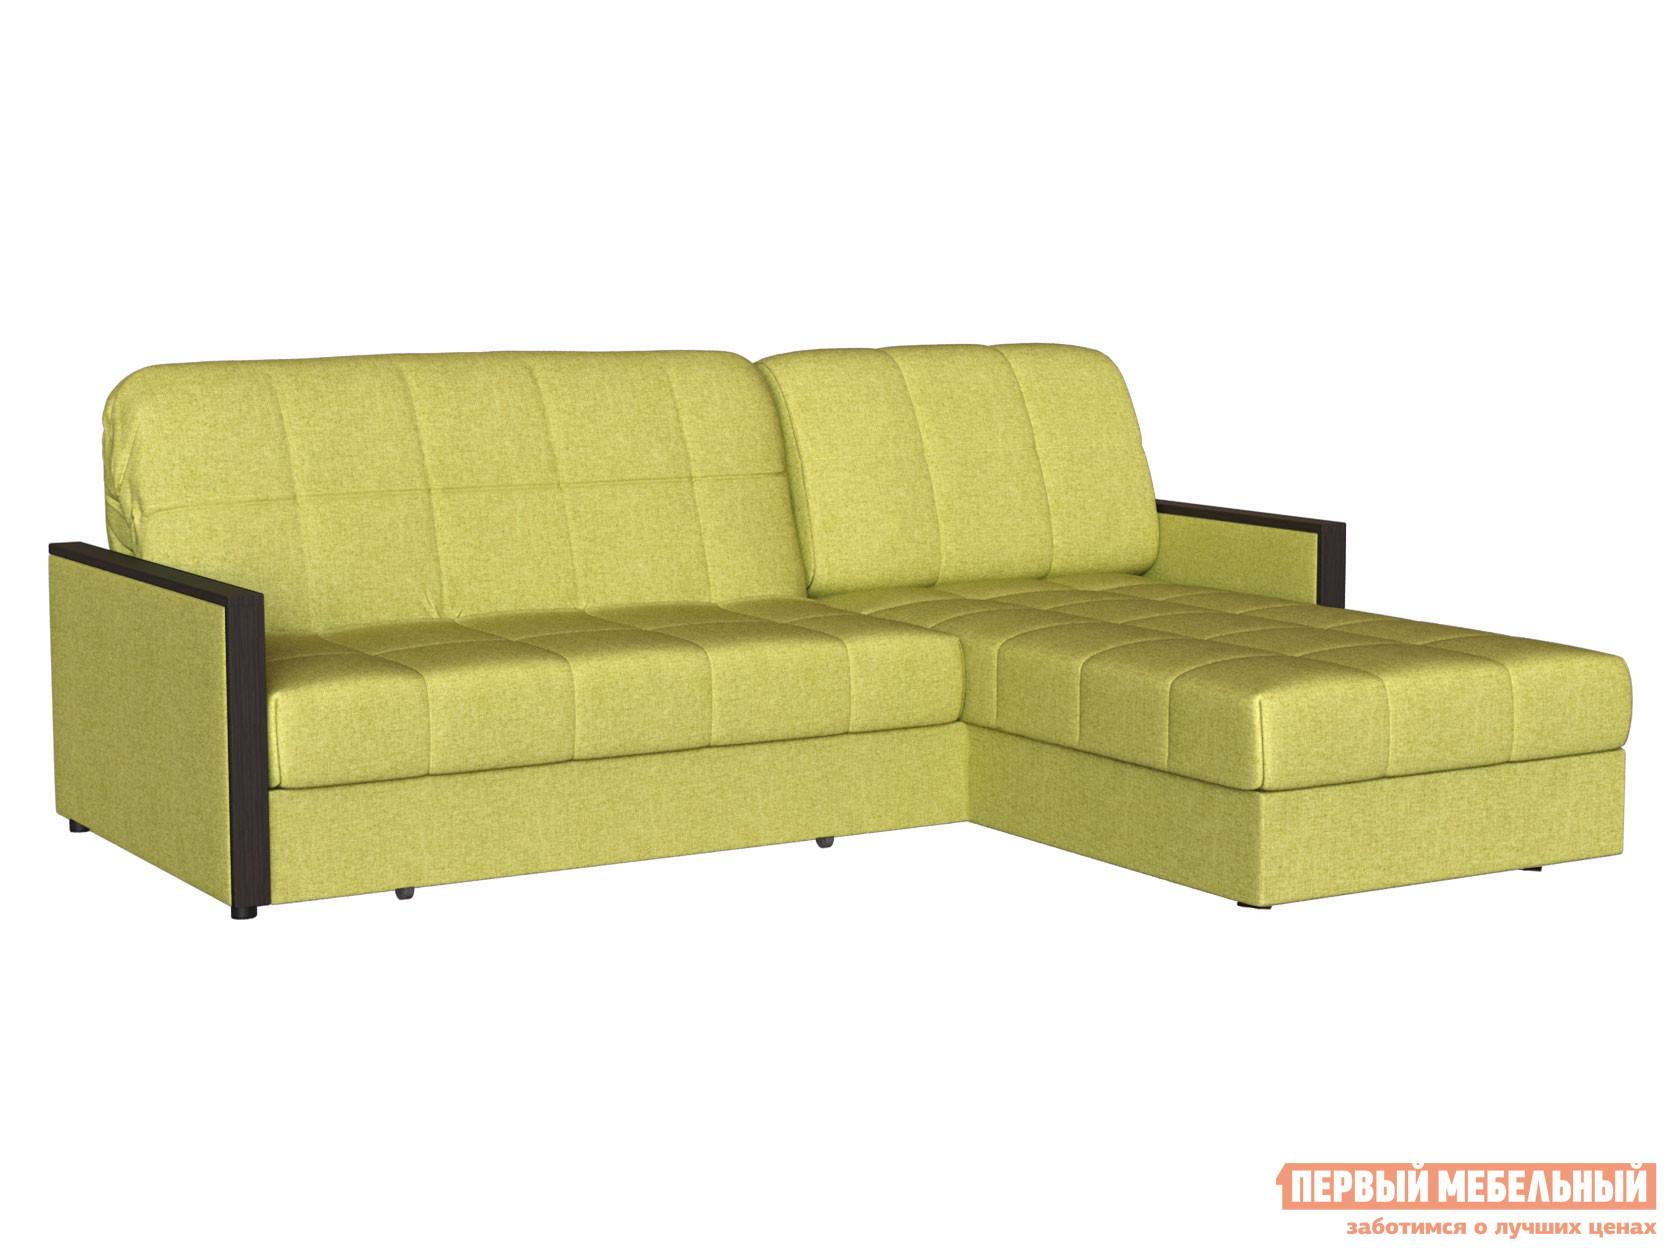 Угловой диван Первый Мебельный Диван Орион с оттоманкой Люкс